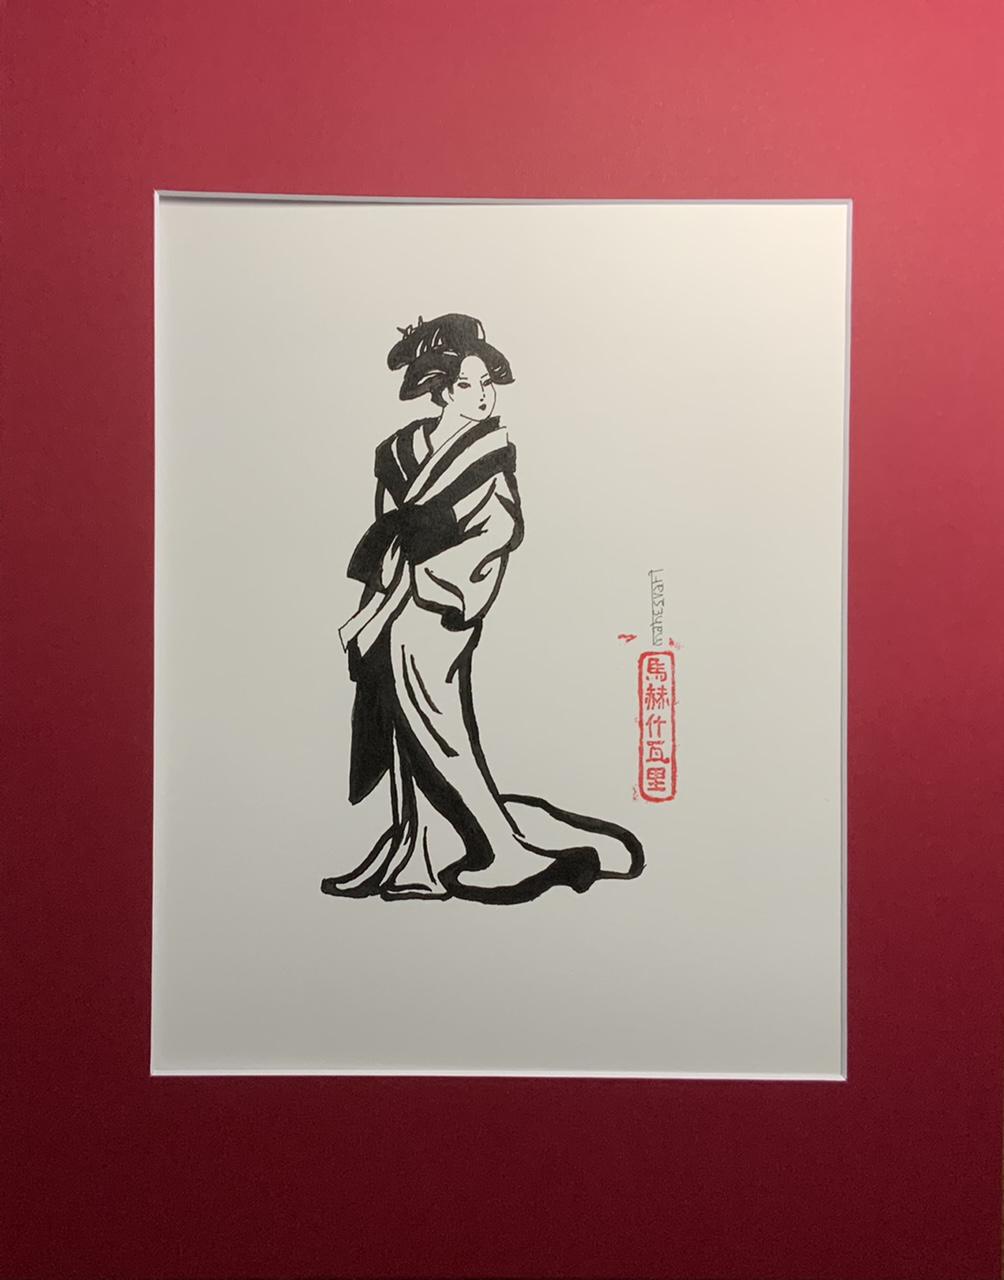 """<span style=""""color: #ff0000;""""><a style=""""color: #ff0000;"""" href=""""mailto:info@arttotalmultimedia.com?subject=Défi 15 dessins 15 semaines -  Geisha curieuse"""">Contacter l'agent de l'artiste</a></span> Mahesvari -  Geisha curieuse - 115$ (transaction directement avec l'agent de l'artiste) - encre fontaine et encre de Chine sur papier, 12 x 9 po, passe-partout rouge 14 x 11 po"""